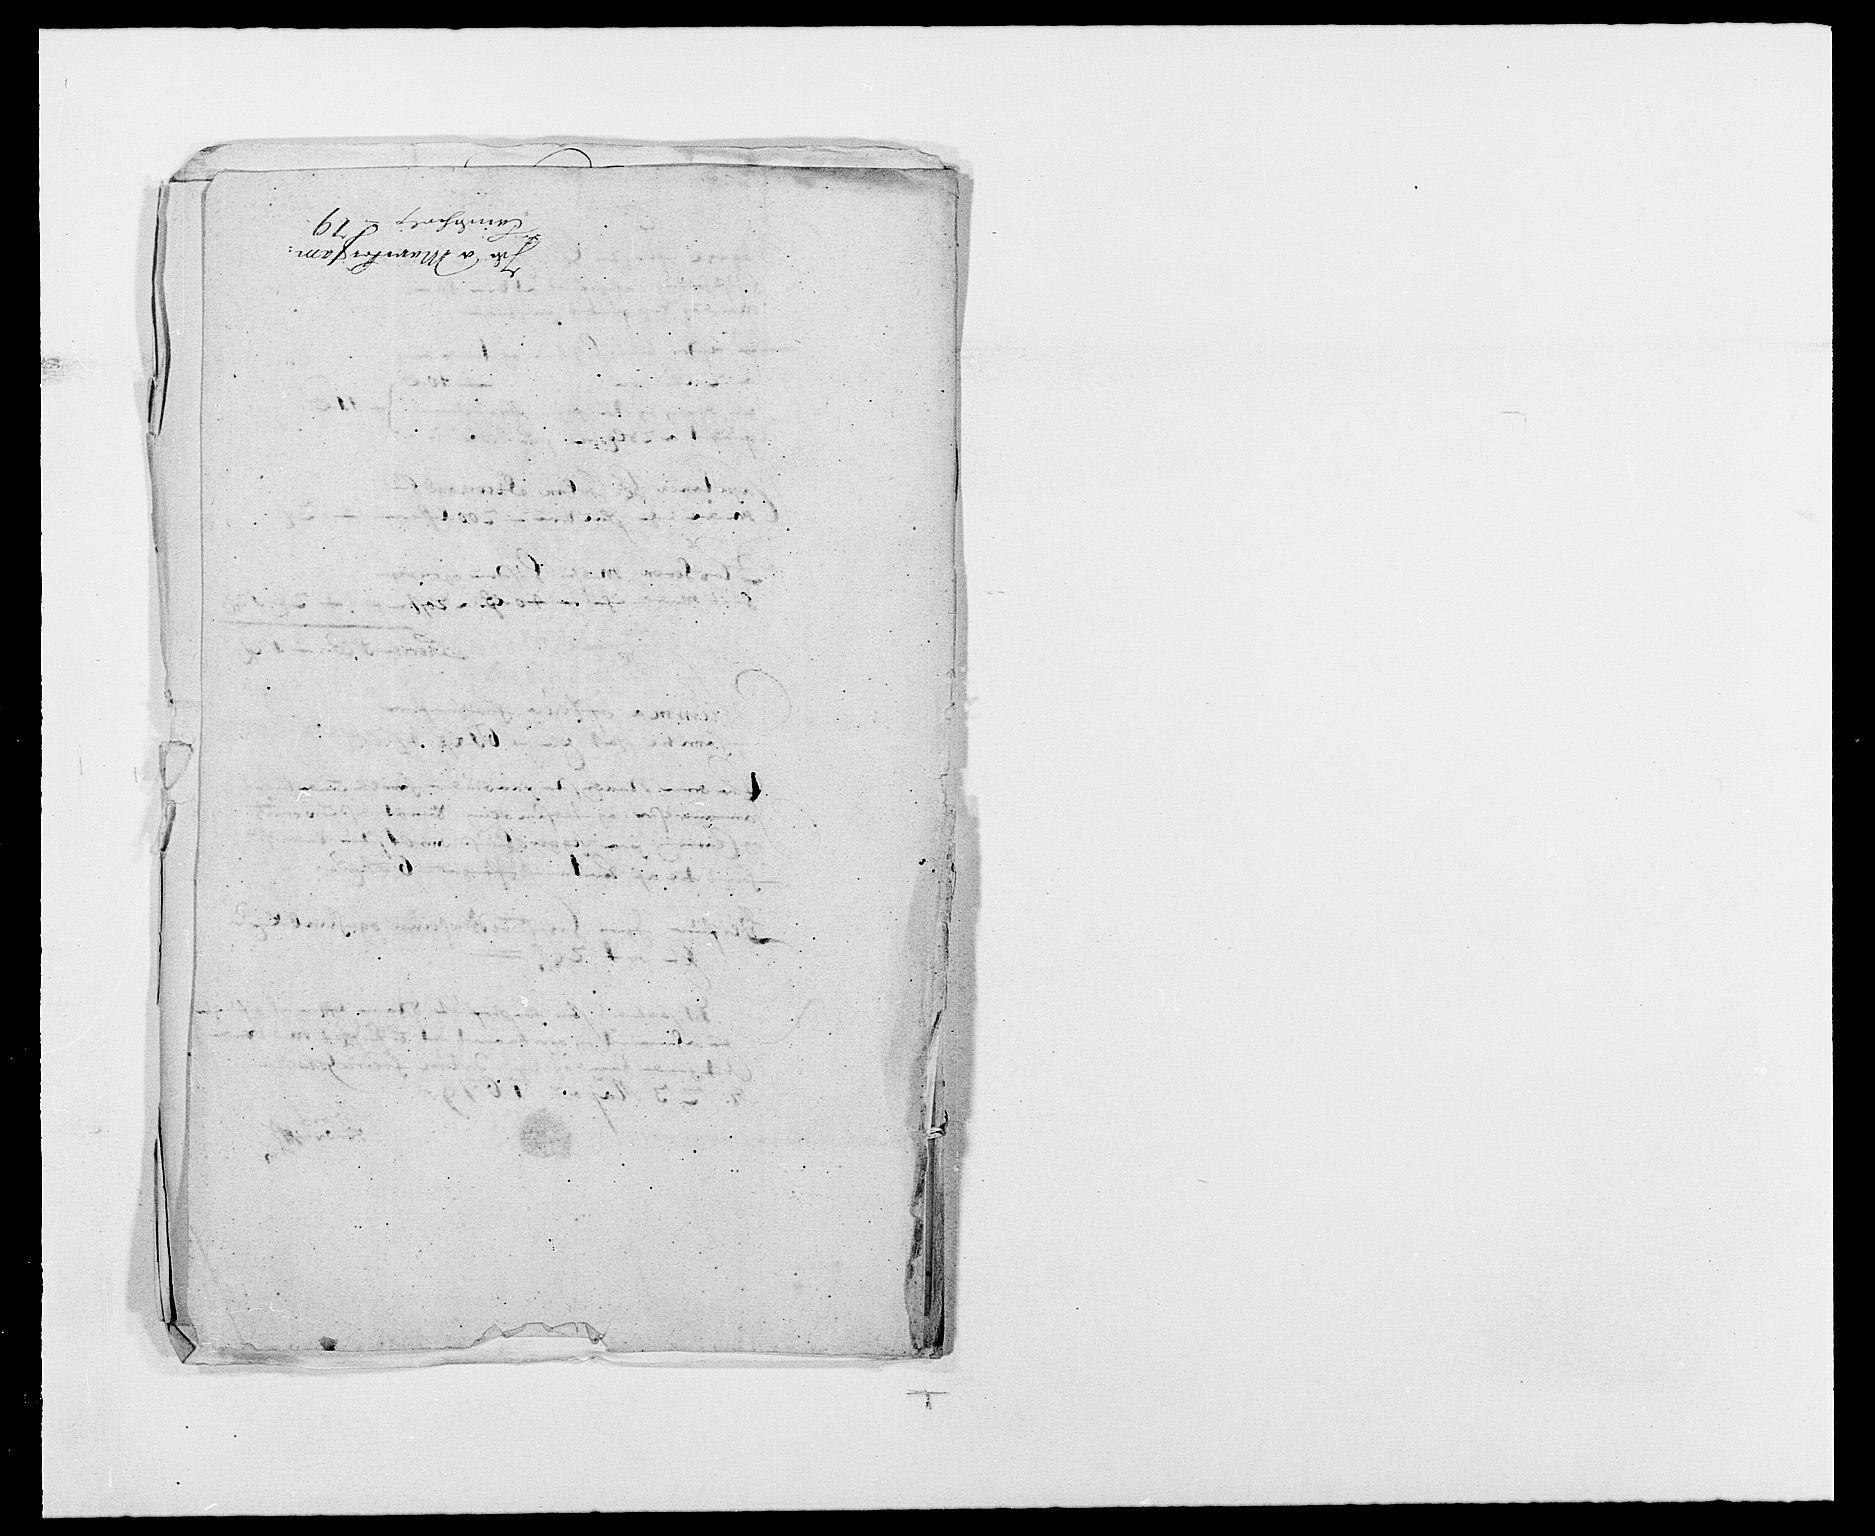 RA, Rentekammeret inntil 1814, Reviderte regnskaper, Fogderegnskap, R01/L0001: Fogderegnskap Idd og Marker, 1678-1679, p. 230